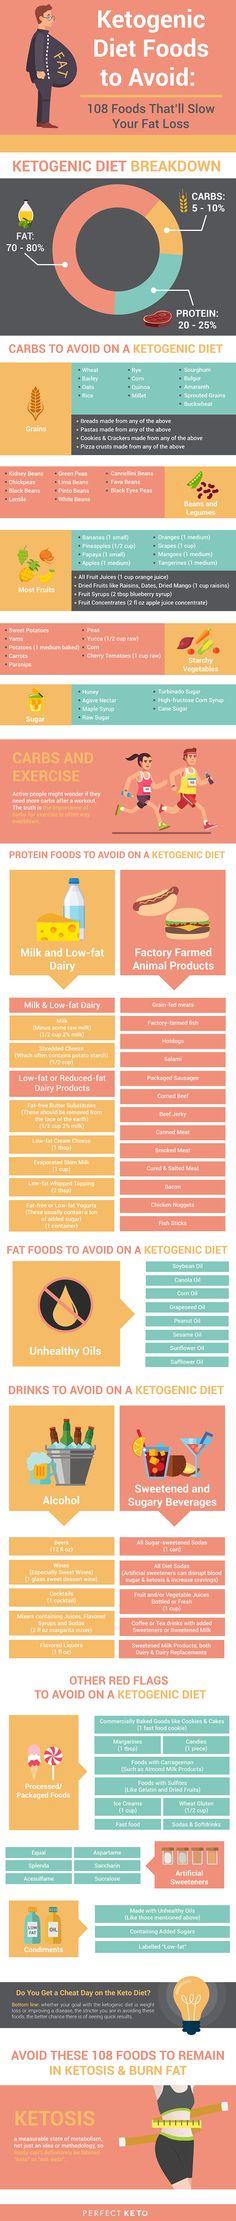 keto diet foods to avoid